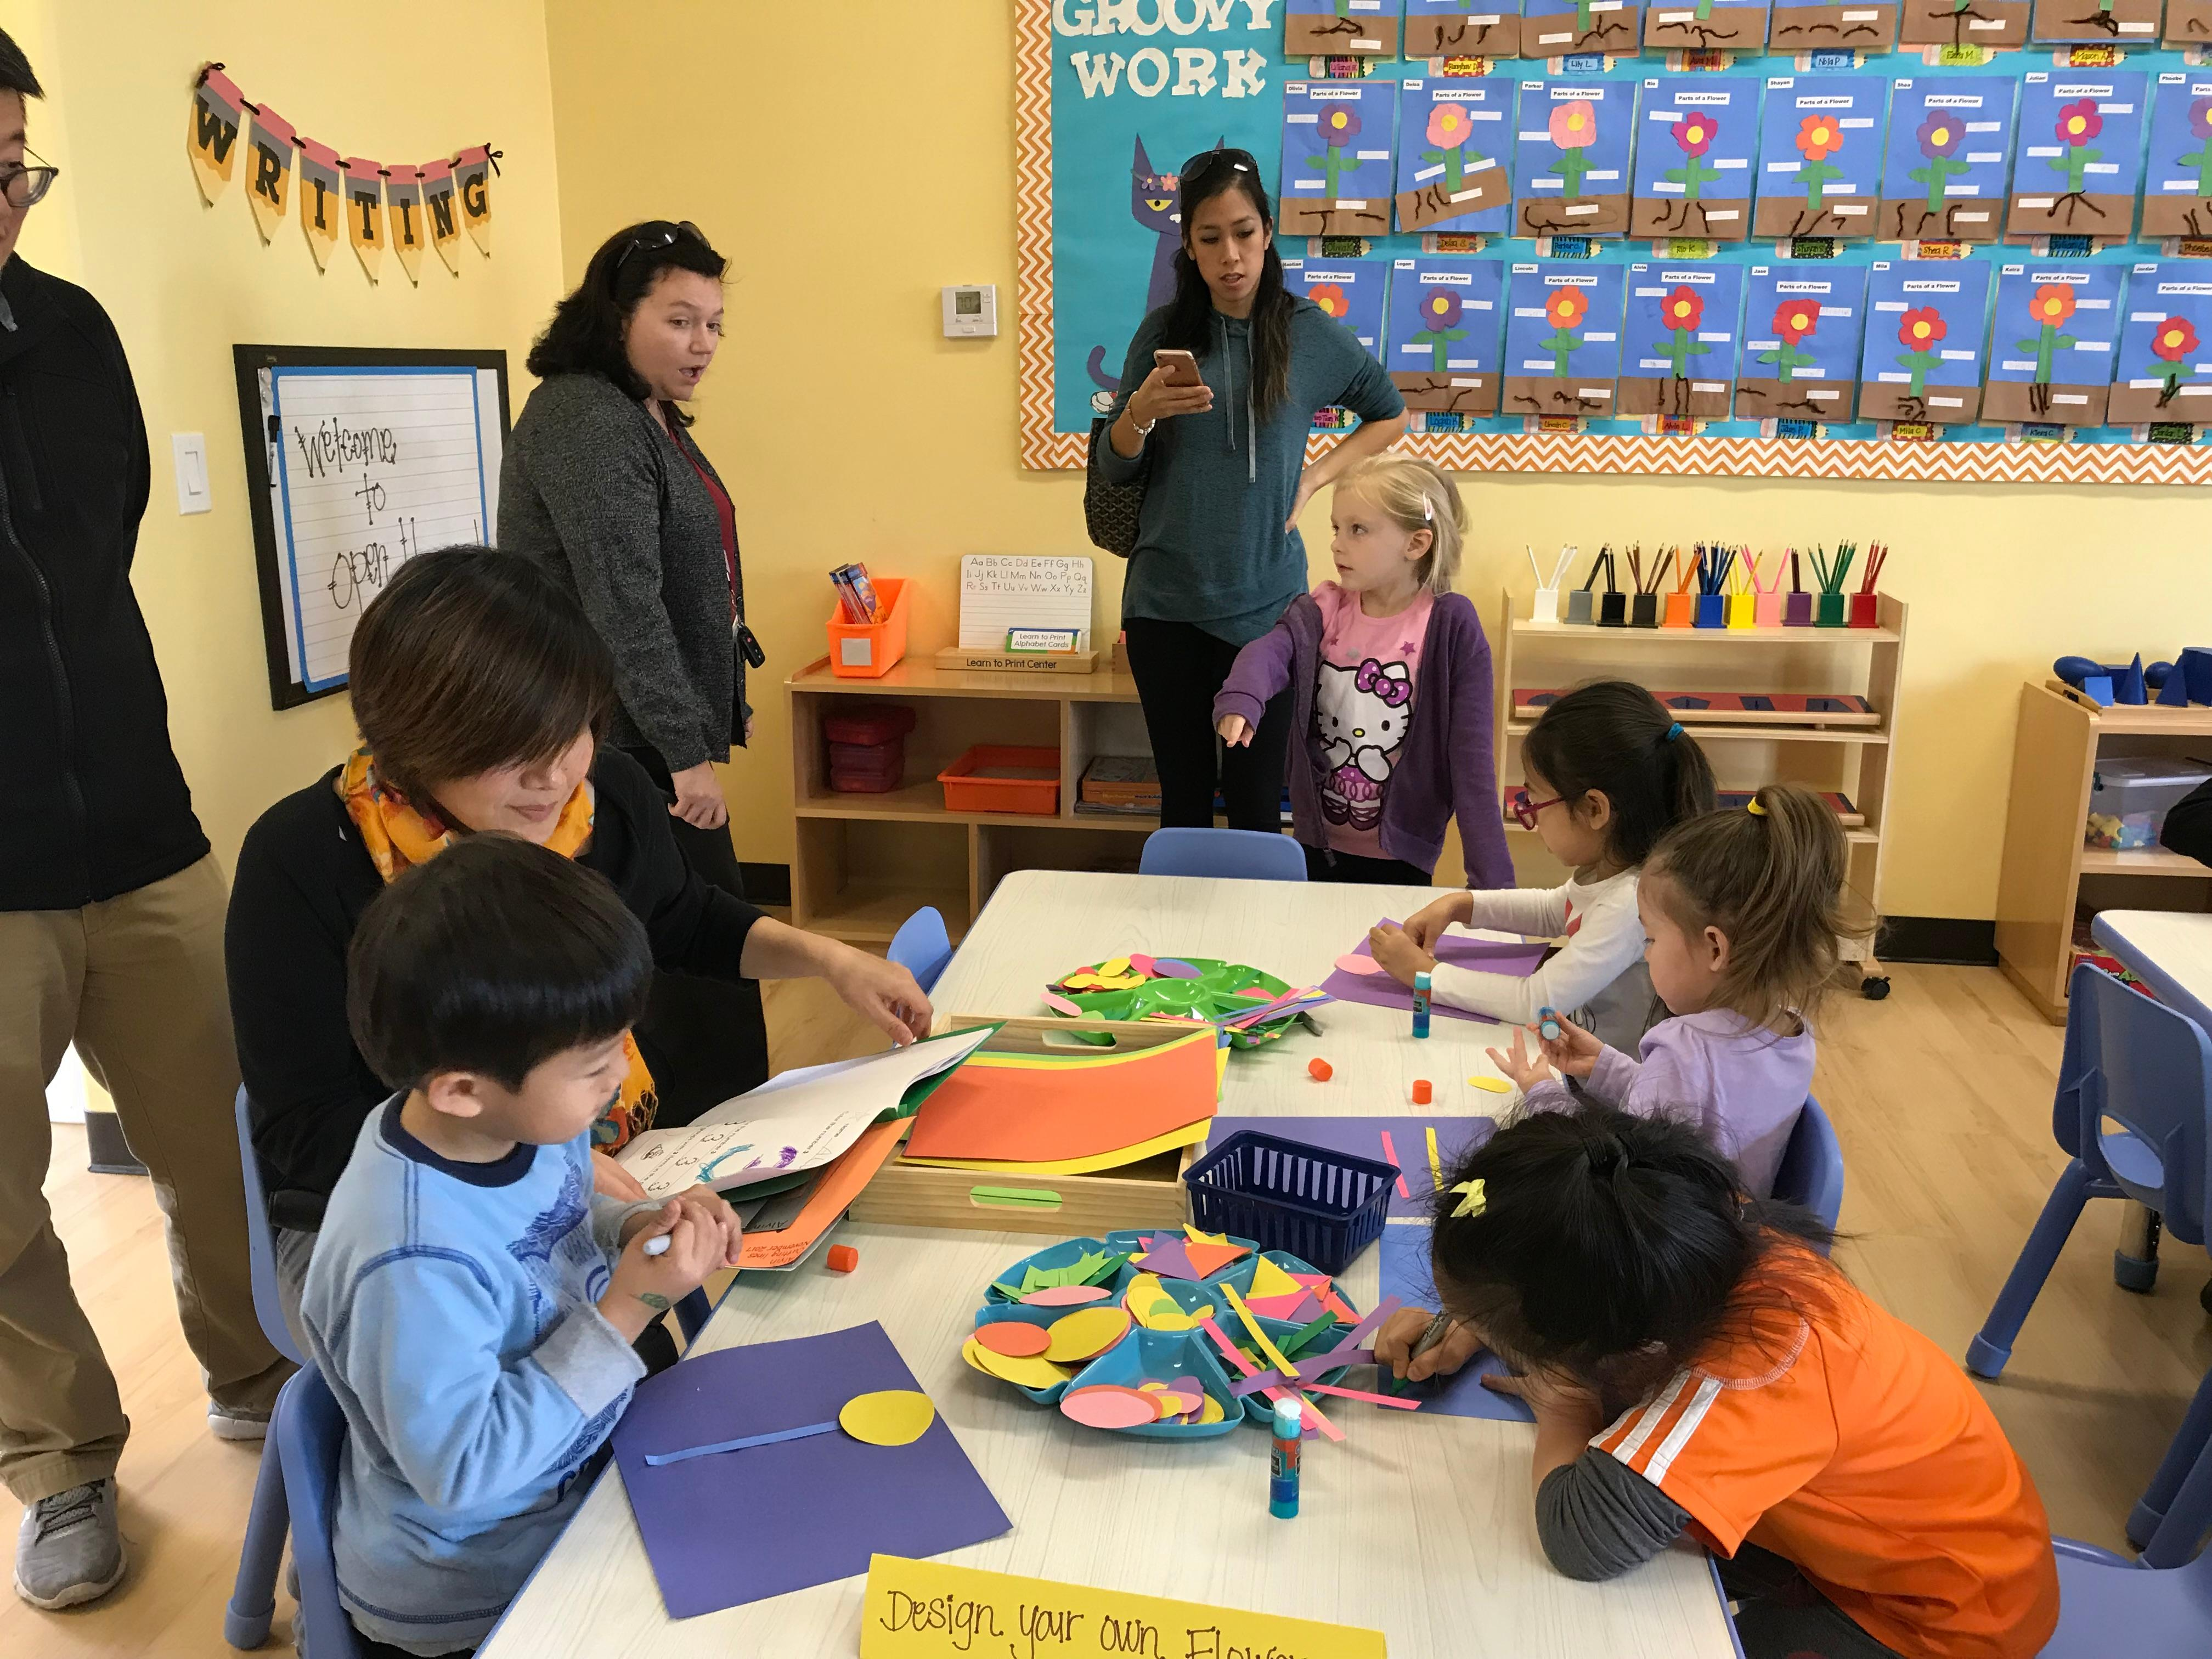 Village Preschool Academy image 31